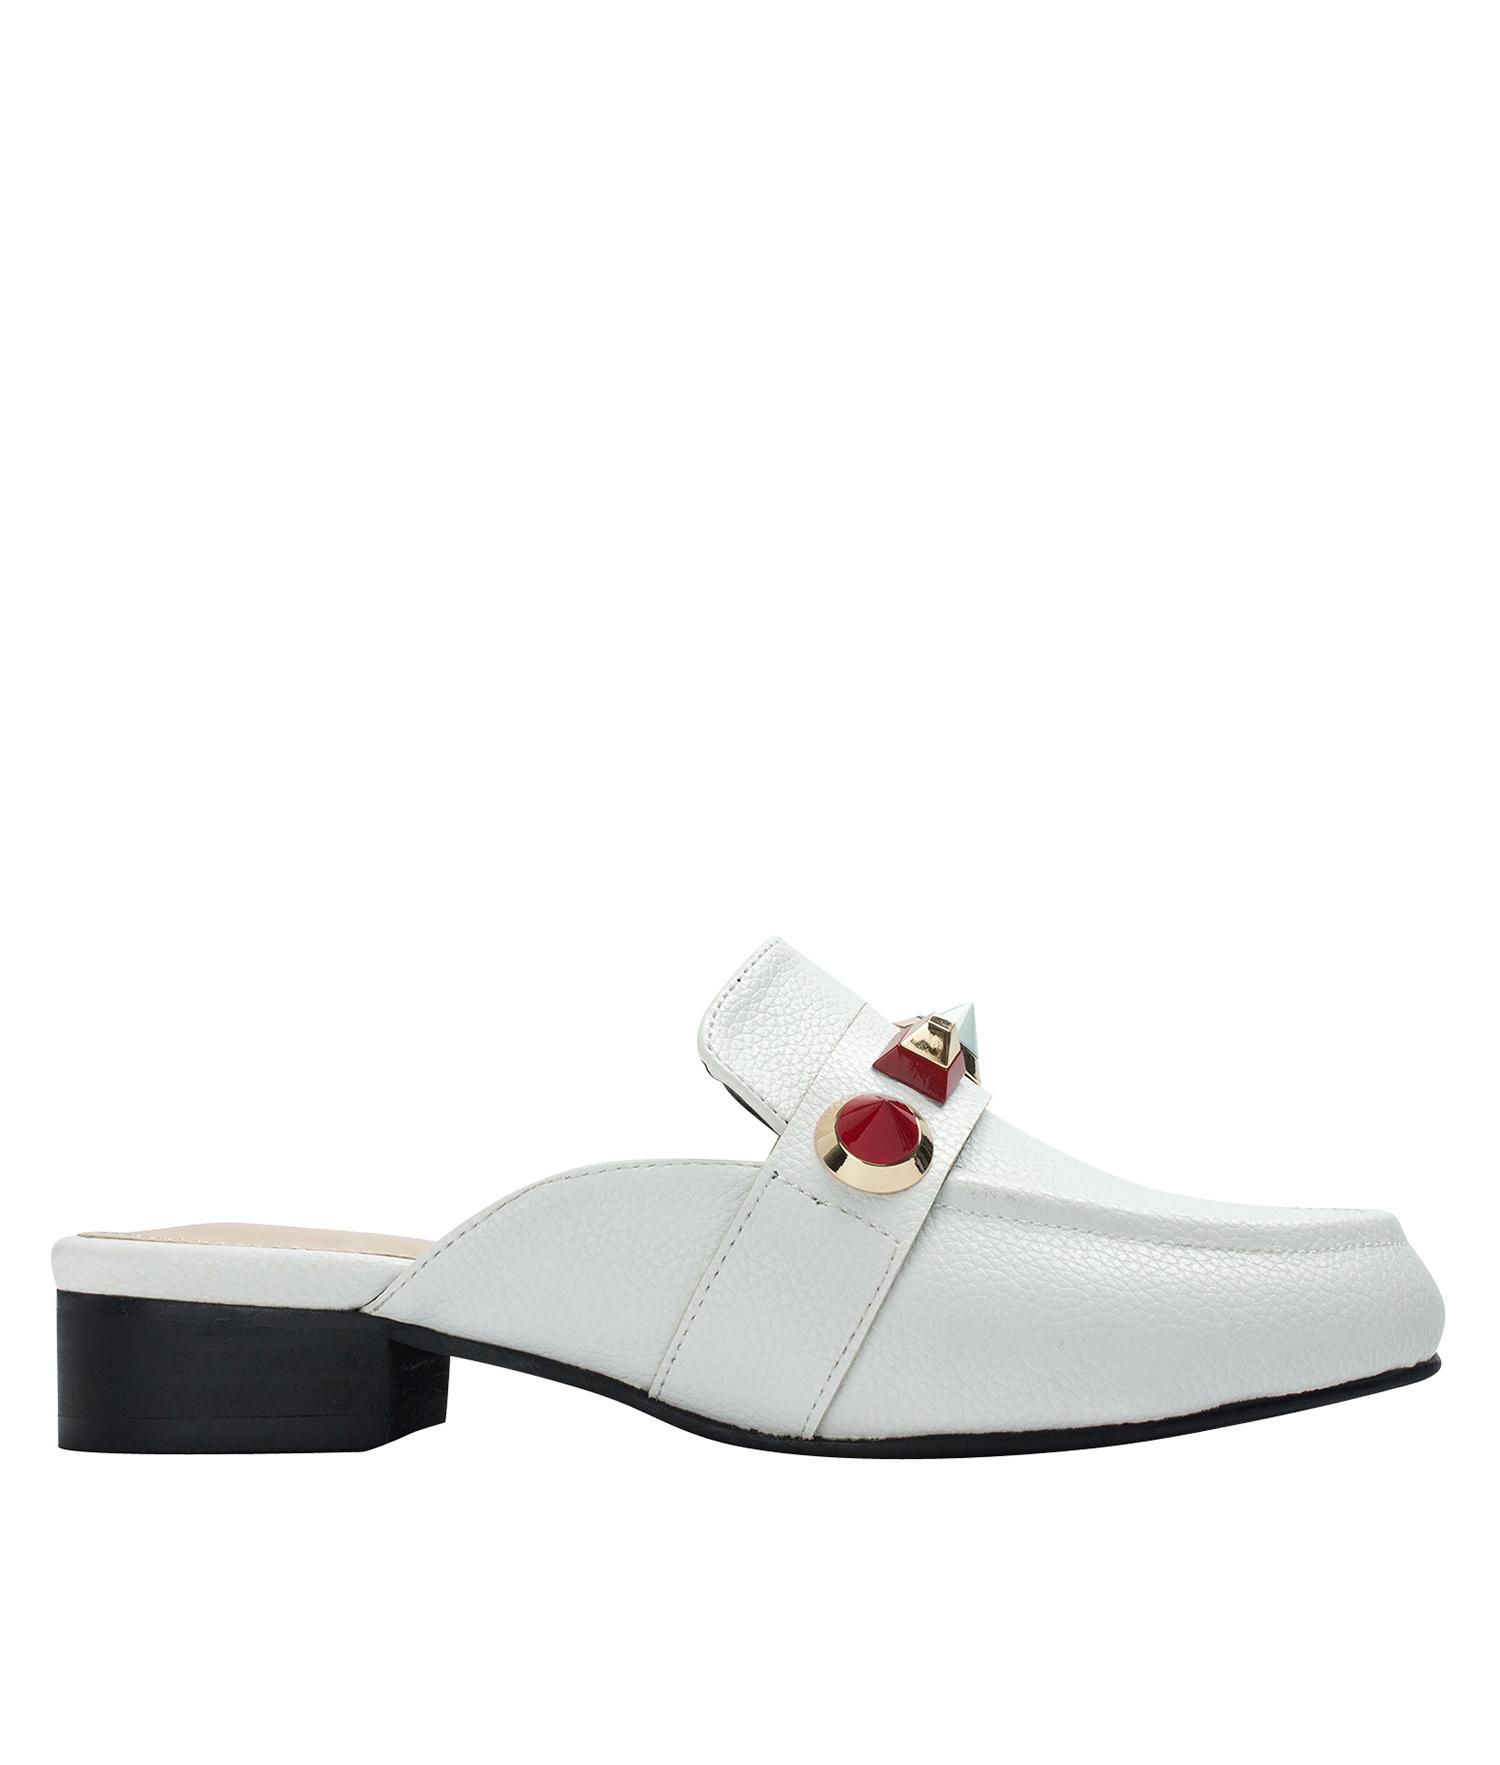 96e94fcffdf0 AnnaKastle Womens Studded Backless Loafer Mules White